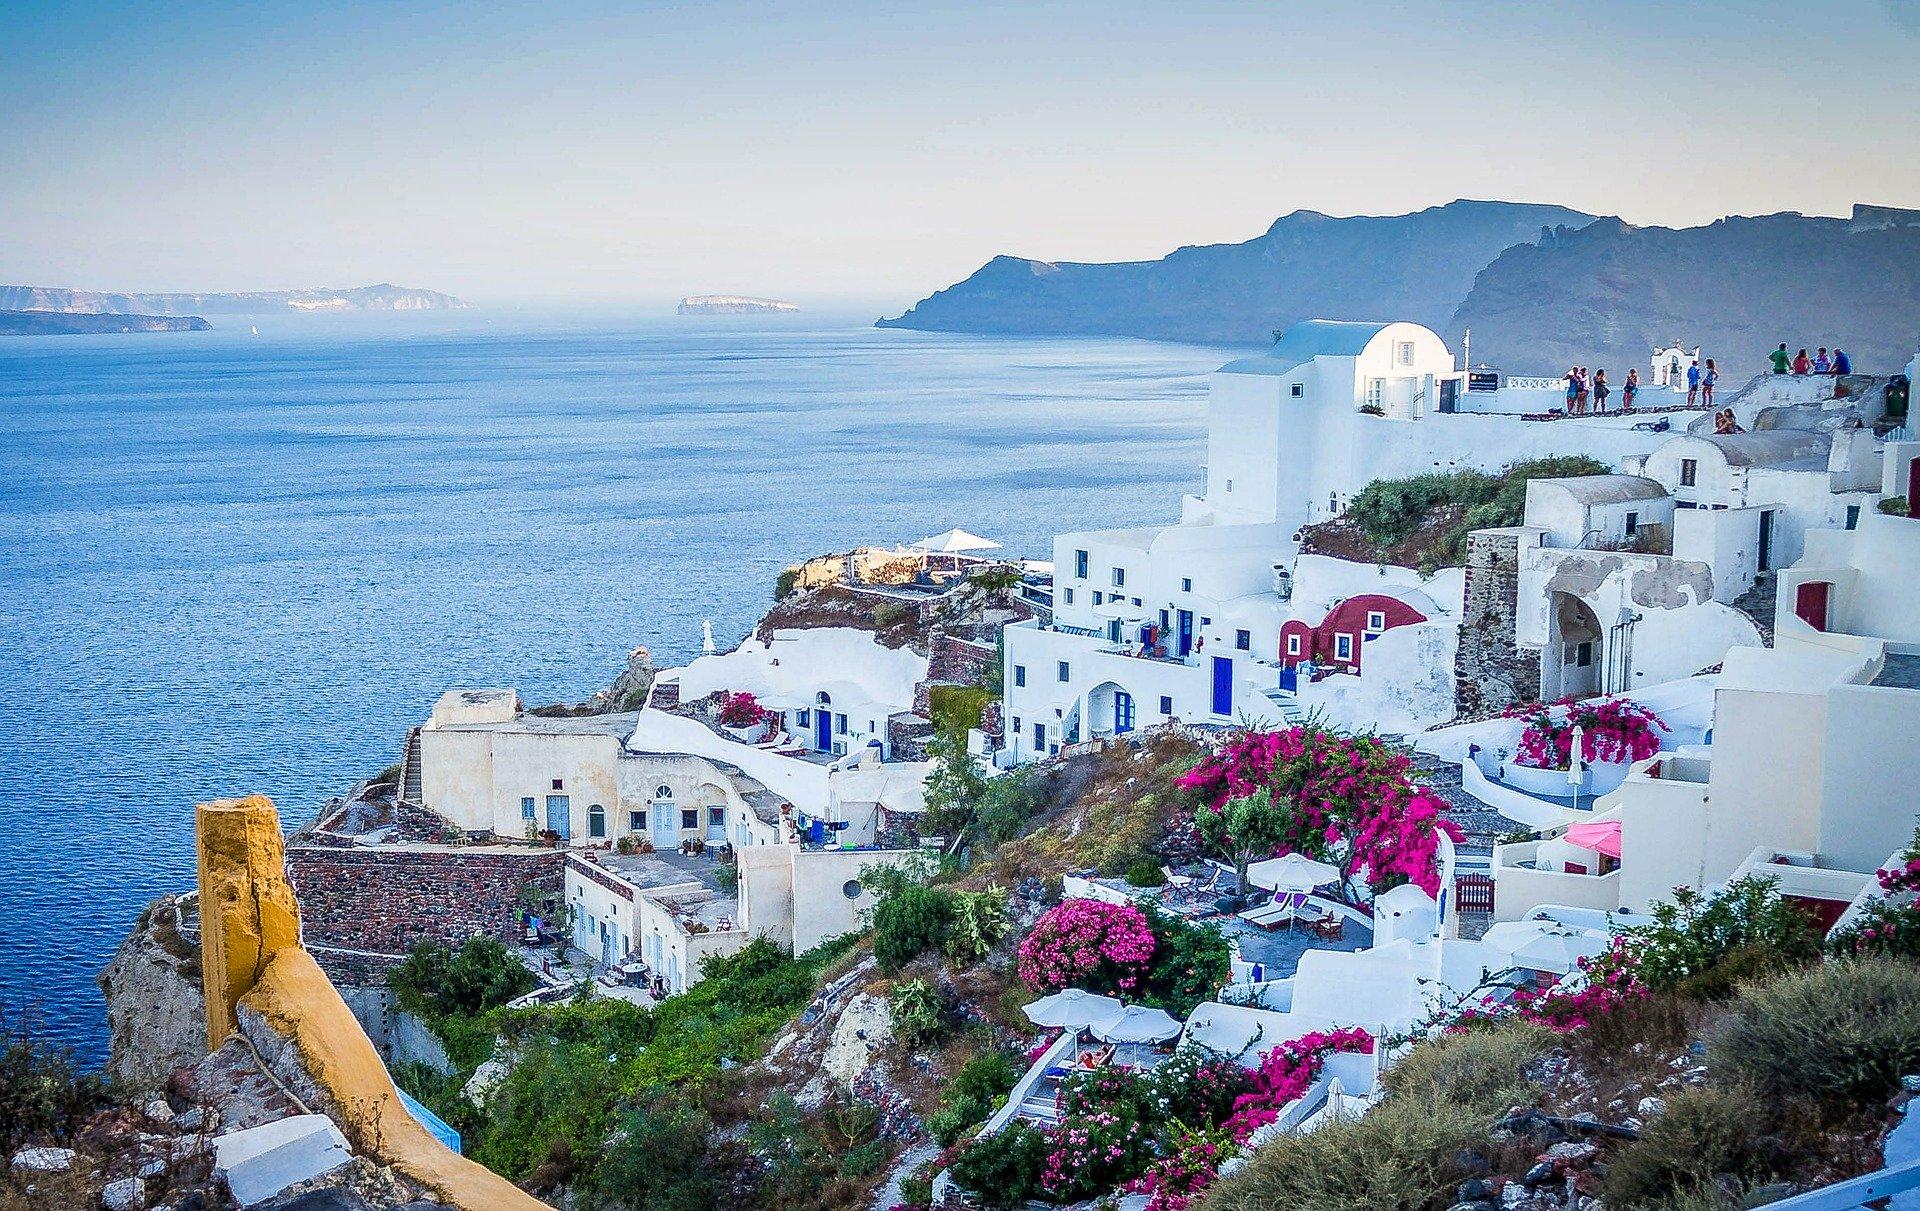 Sprachreise nach Griechenland: Empfehlungen & Vergleich (09/20)